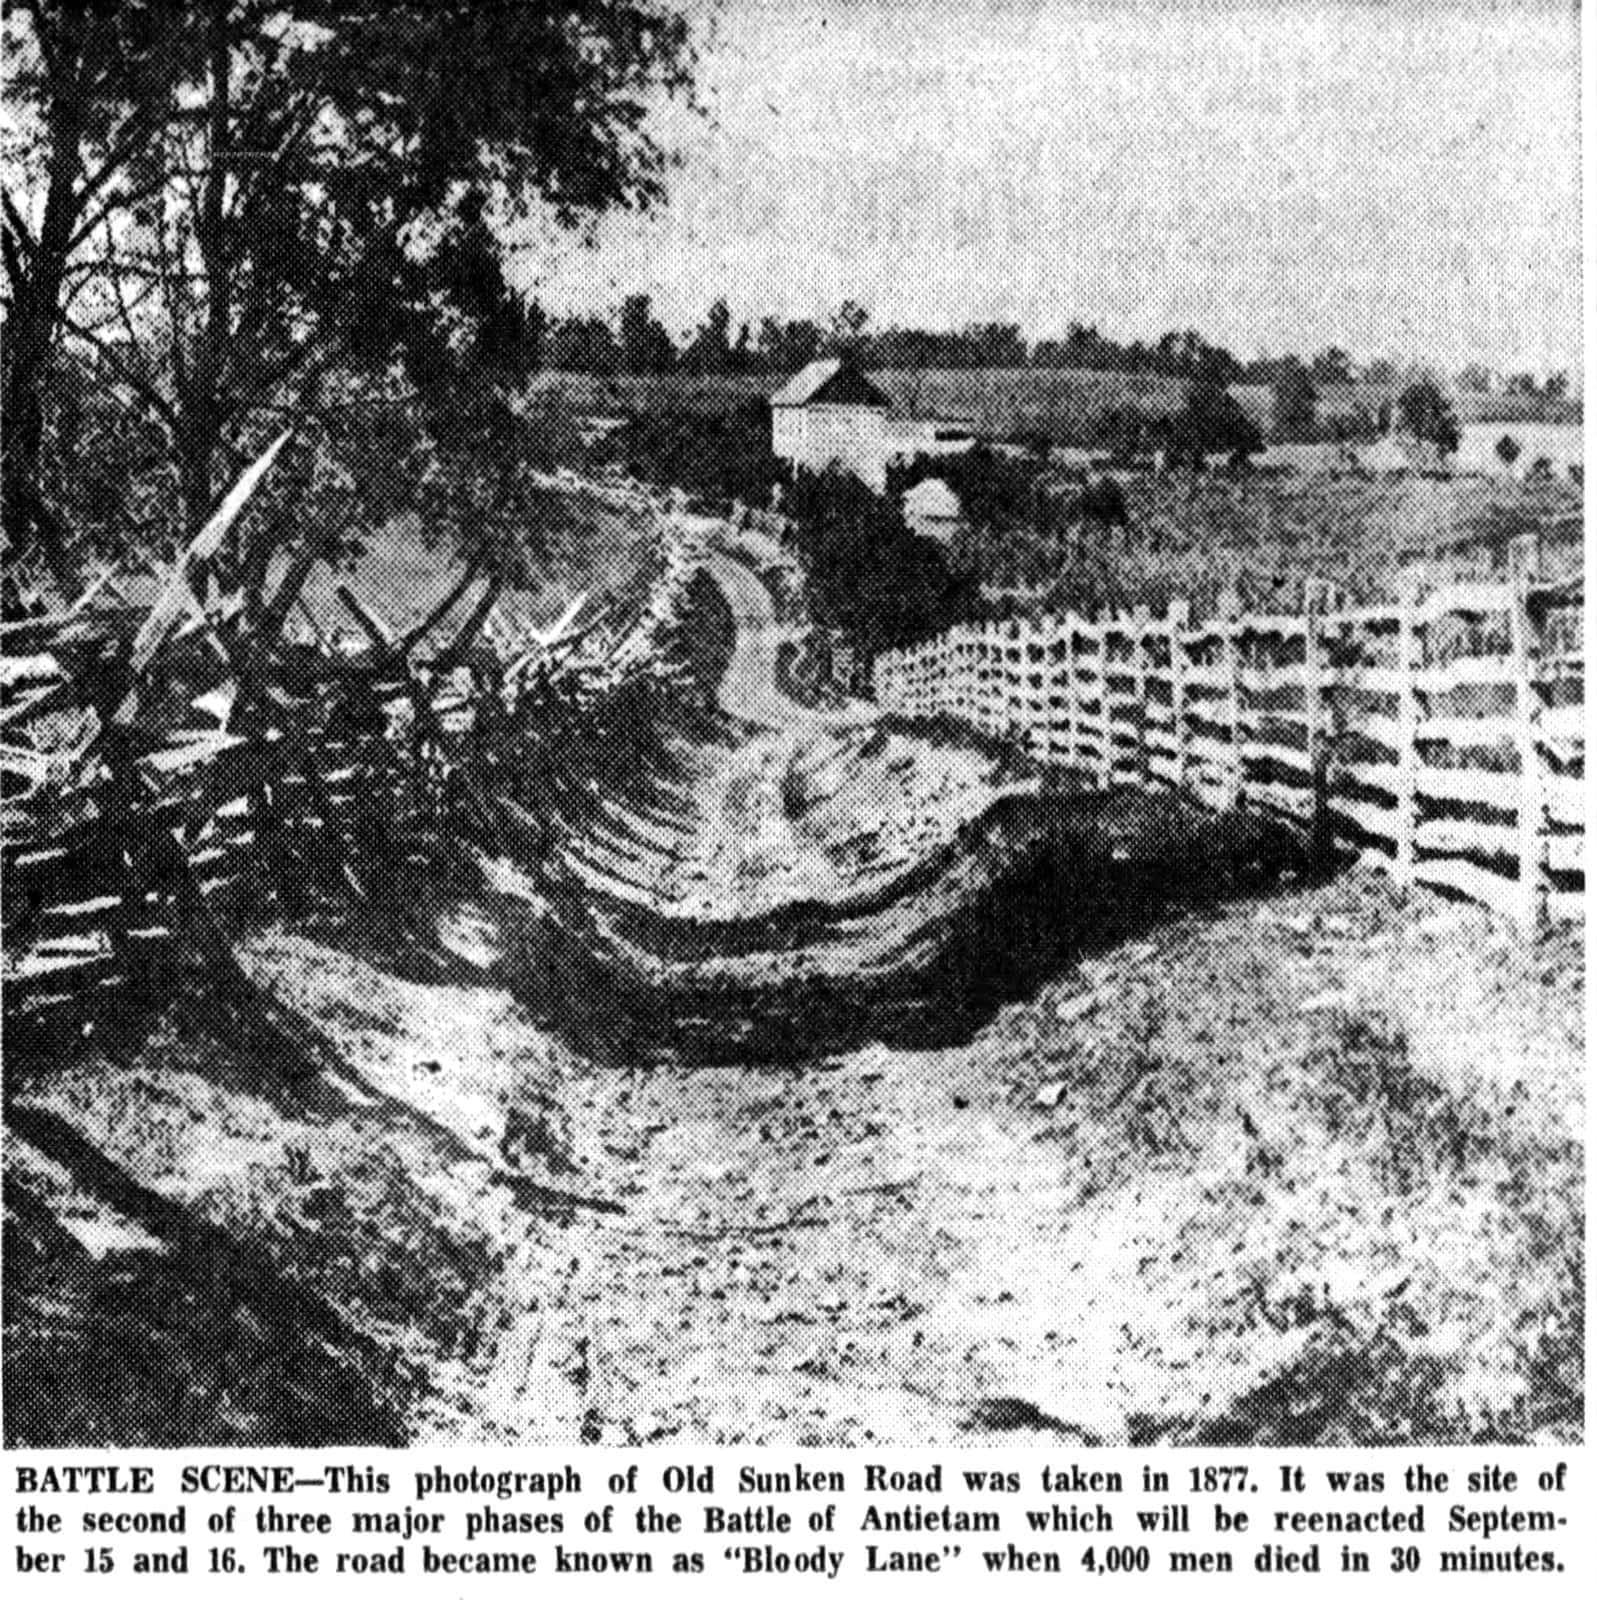 Civil War battle scene - Old Sunken Road, Antietam - Bloody Lane (1877)